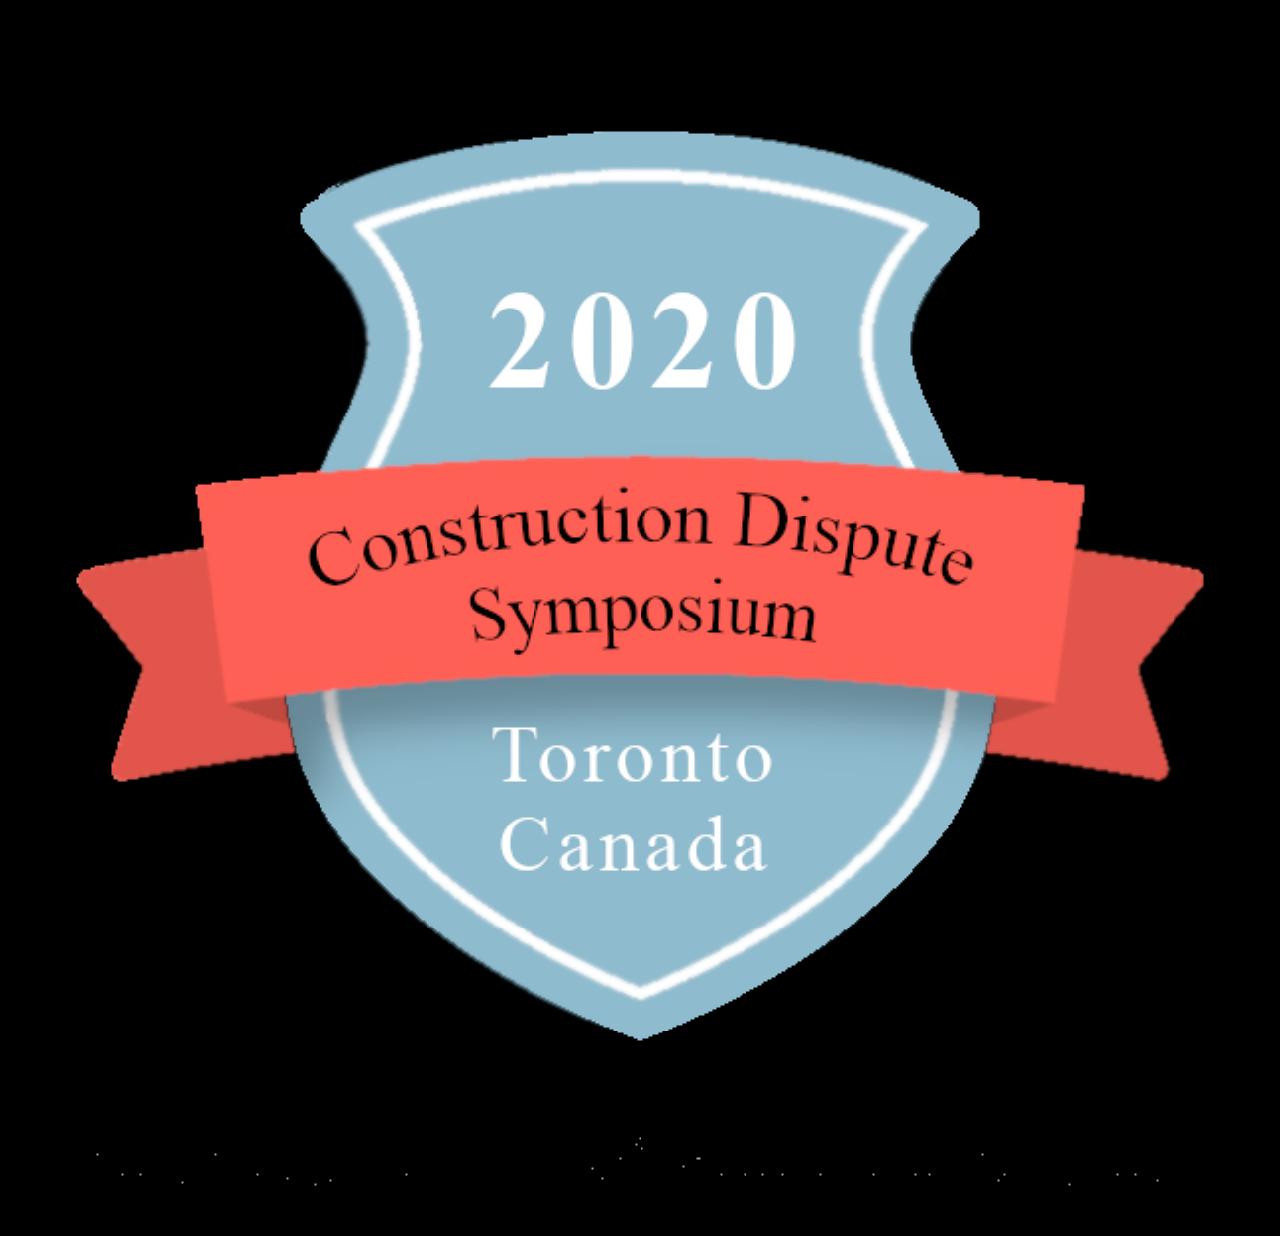 Construction Dispute Symposium